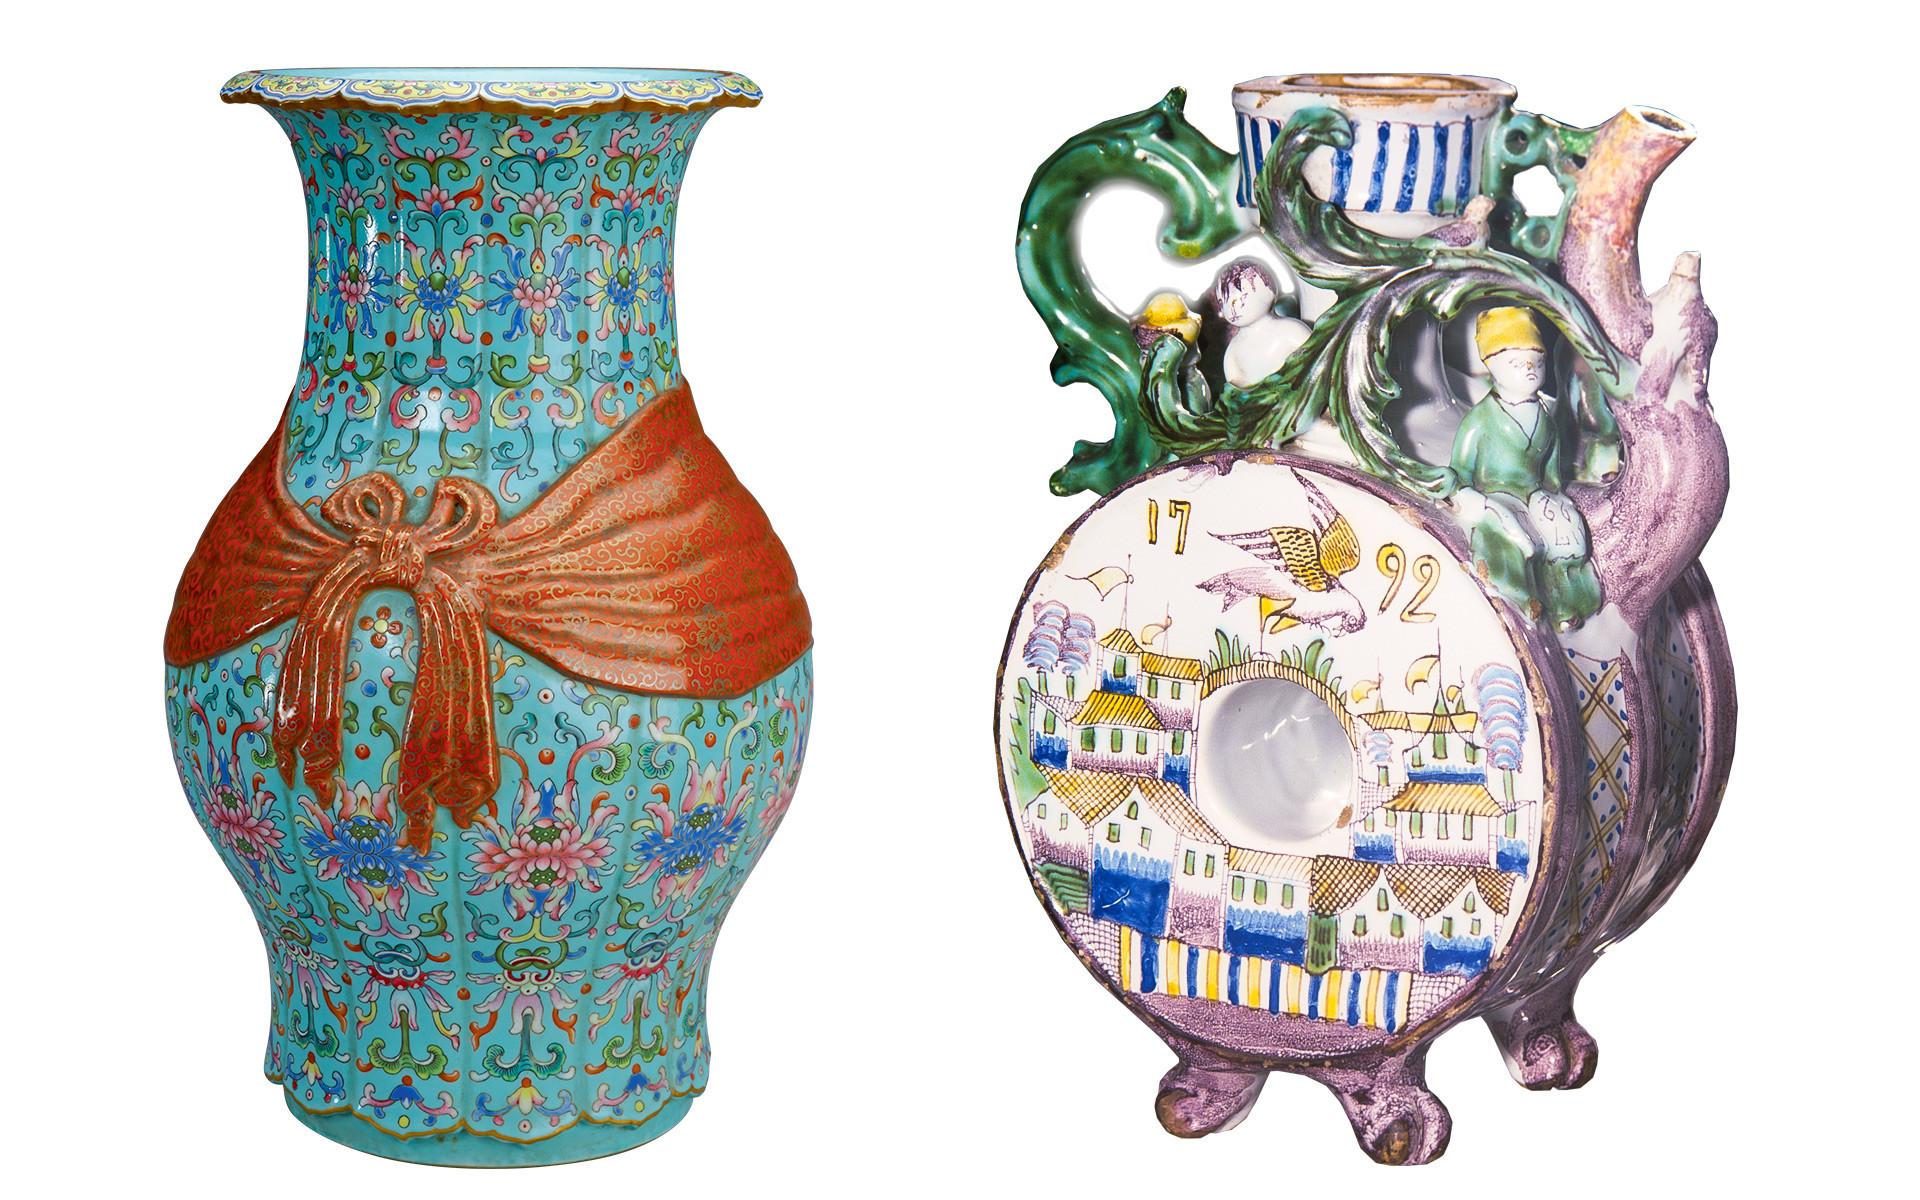 À esquerda, um vaso Baofu chinês da era Quing, do período Qianlong. À direita, um jarro russo Gjel, do século 18.